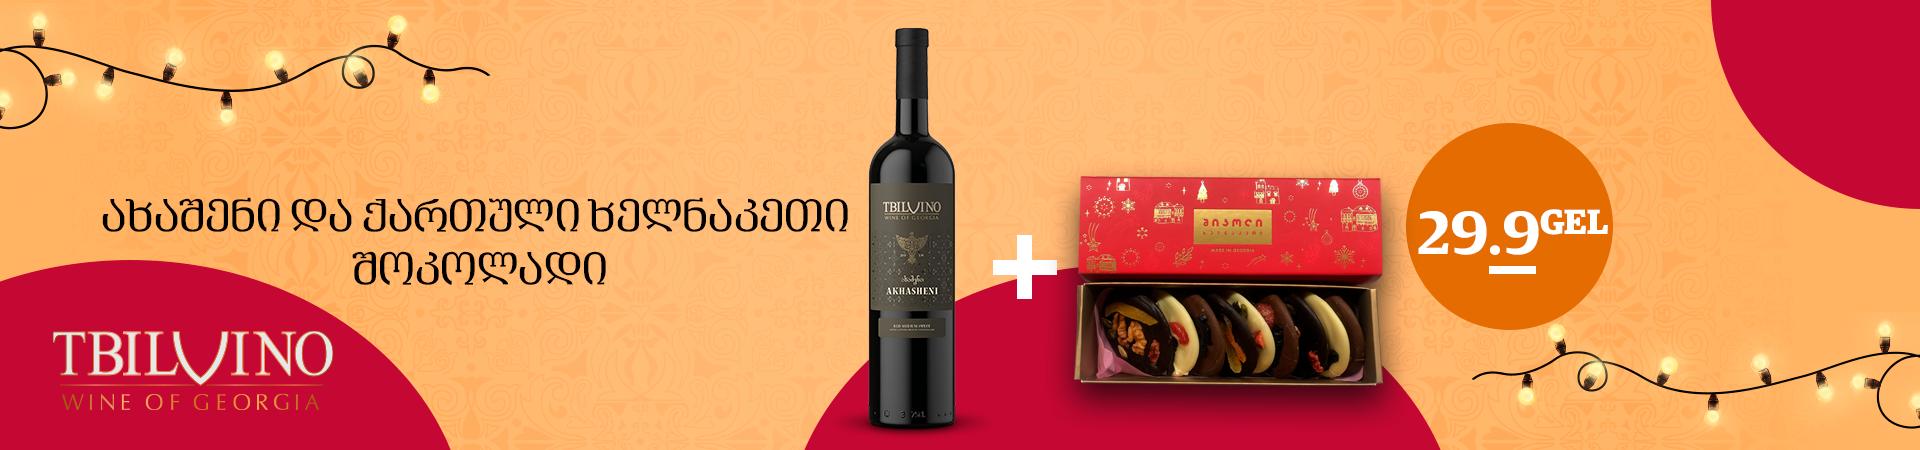 Tbilvino-New-year-mendiantebi-gift-1920X450-GEO